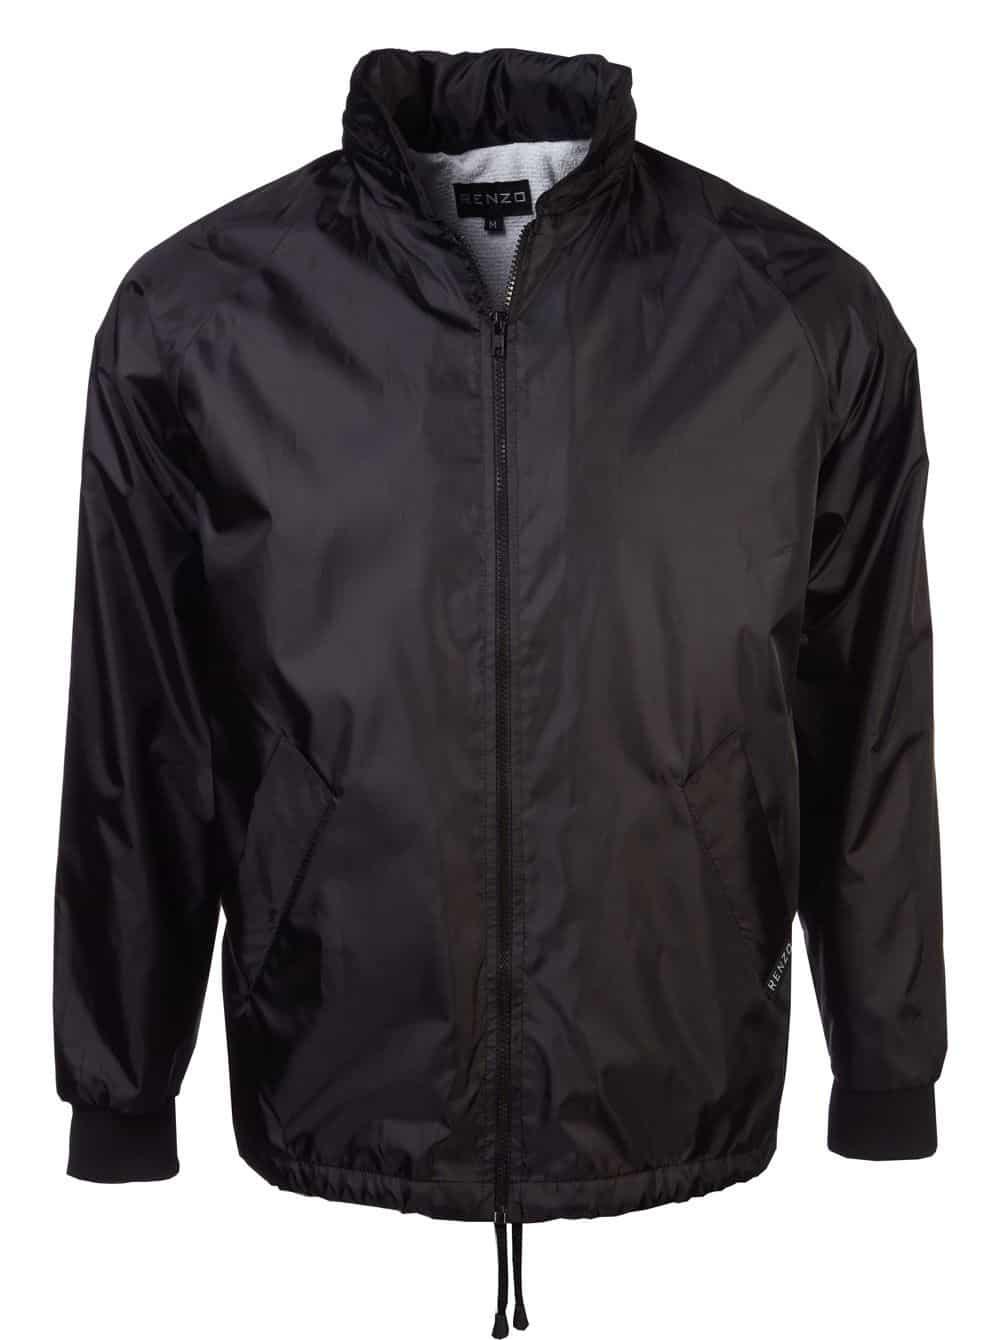 Colmac Jacket Jackets and Polar Fleece